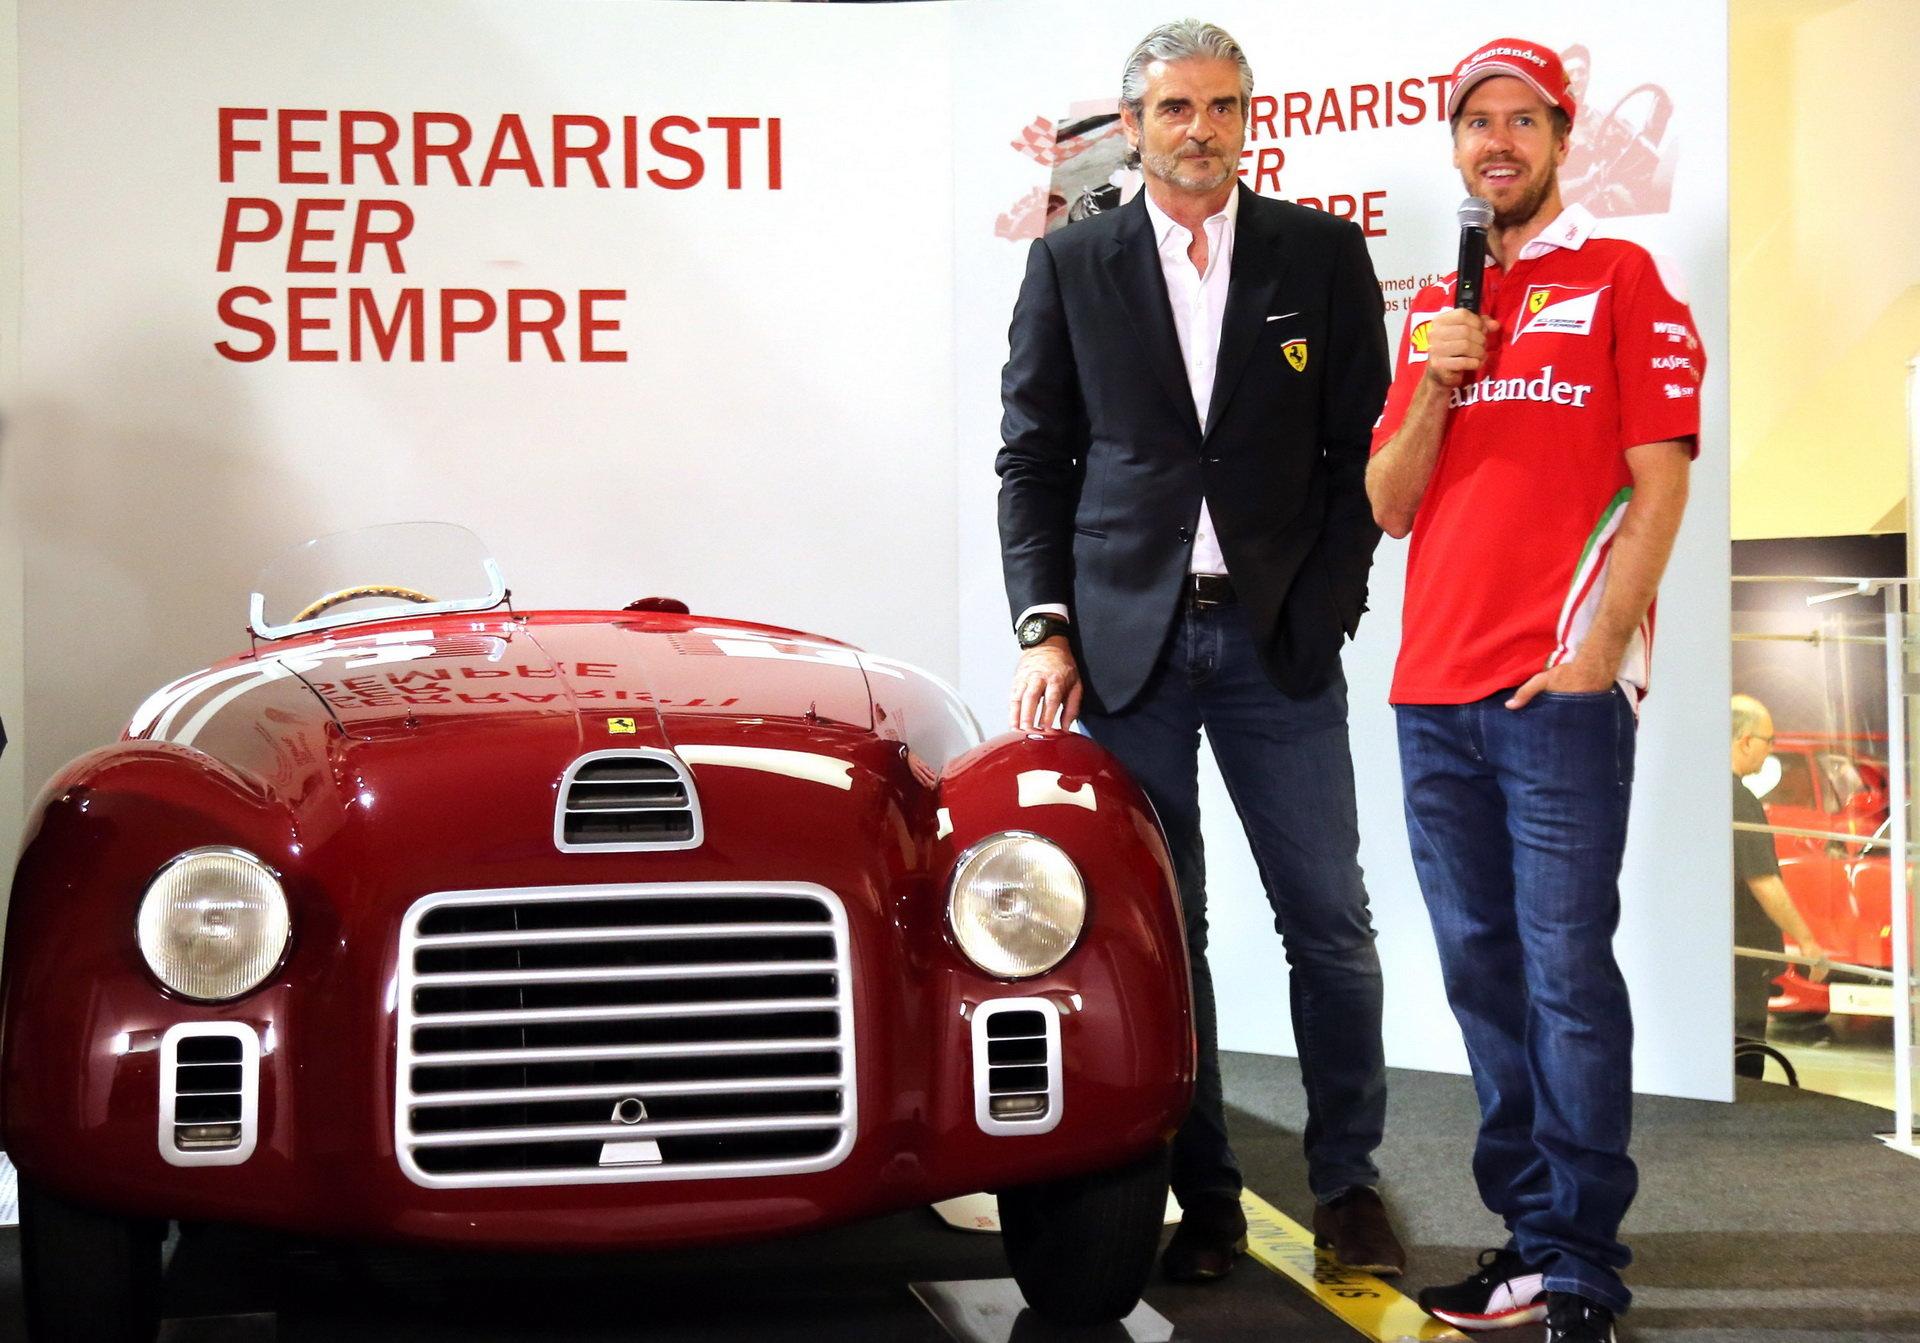 Vettel hlubší problémy Ferrari popírá: Máme správné lidi, můžeme uspět i bez Allisona - anotační foto